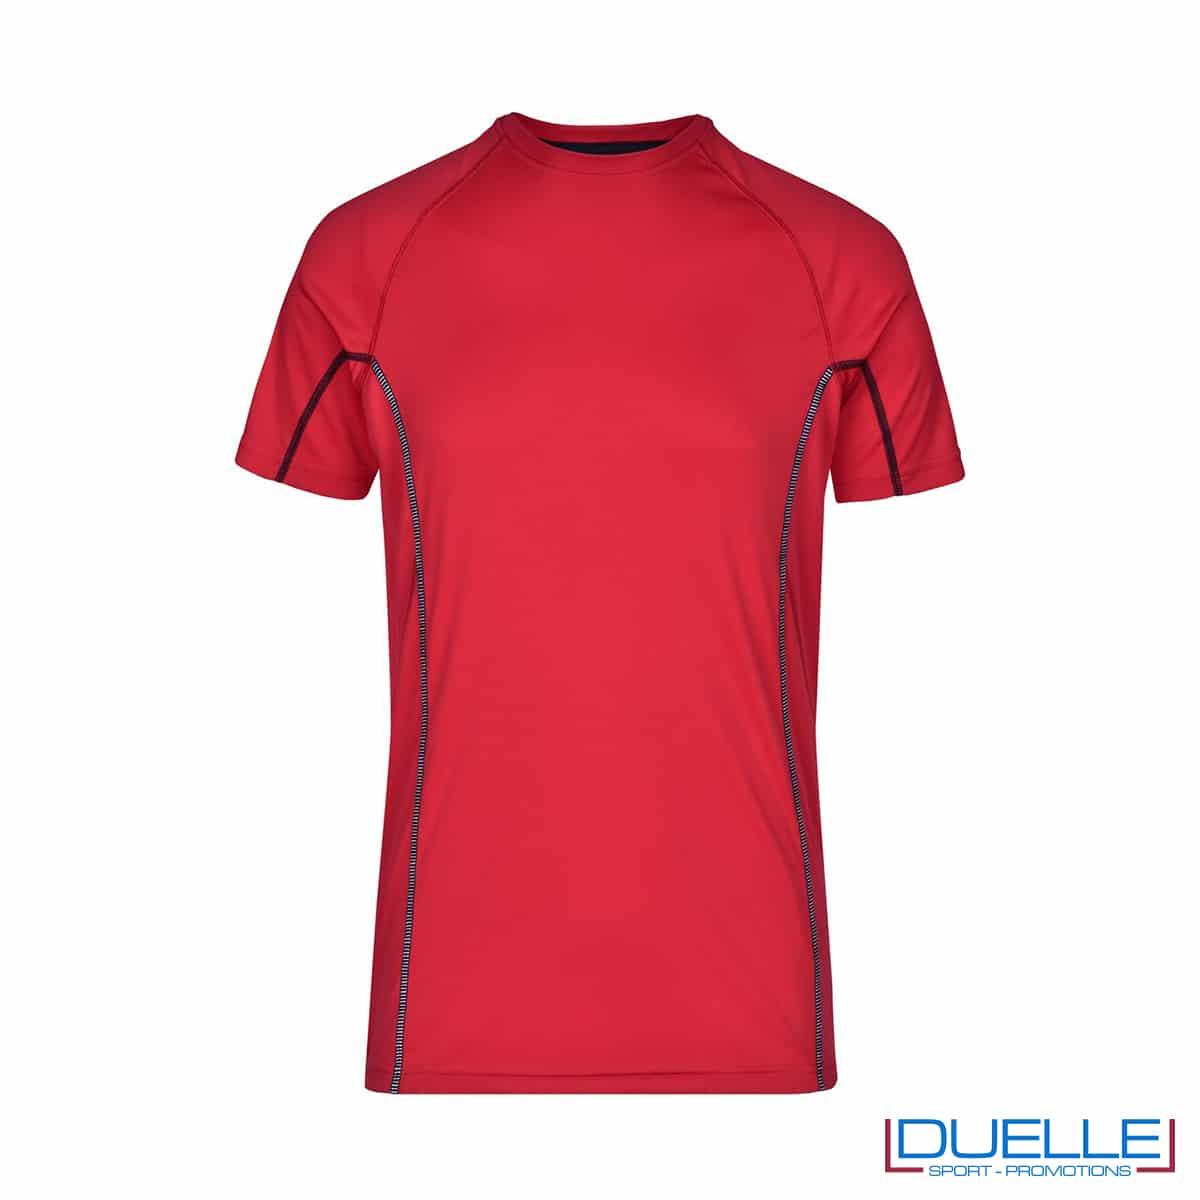 Maglia running Coolmax uomo colore rosso personalizzata